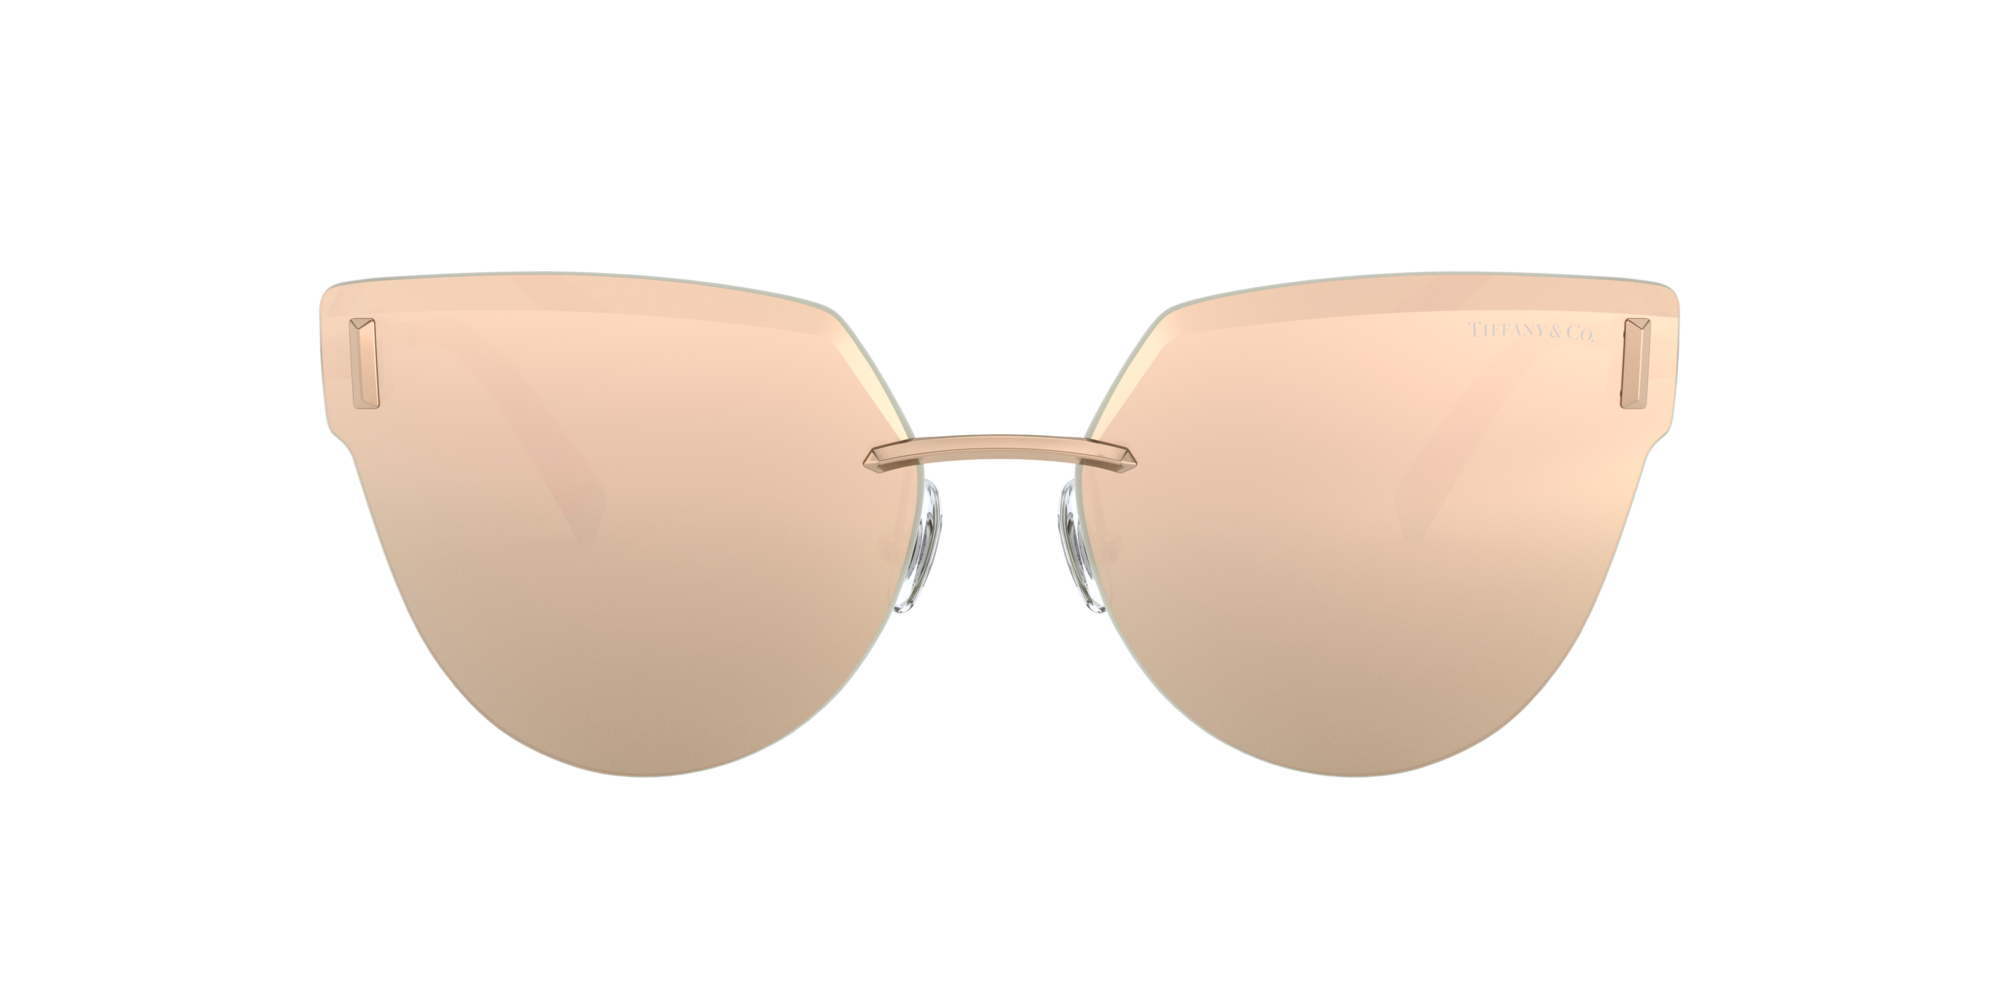 Imagen para TF3070 62 de LensCrafters |  Espejuelos, espejuelos graduados en línea, gafas